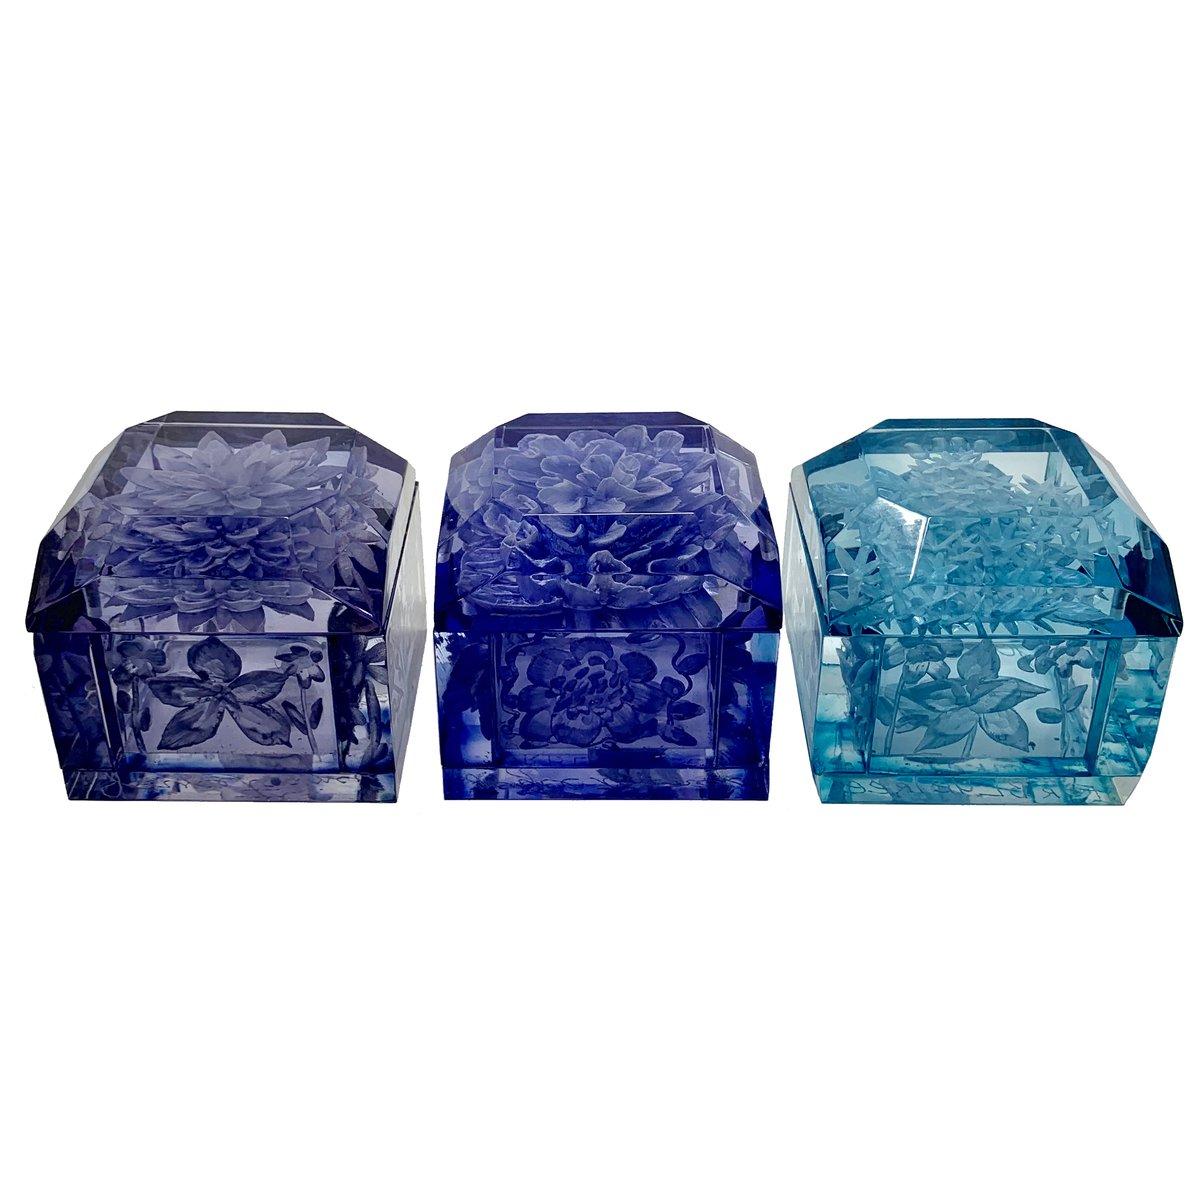 Image of Mini Lucite Boxes (Blue Tones)